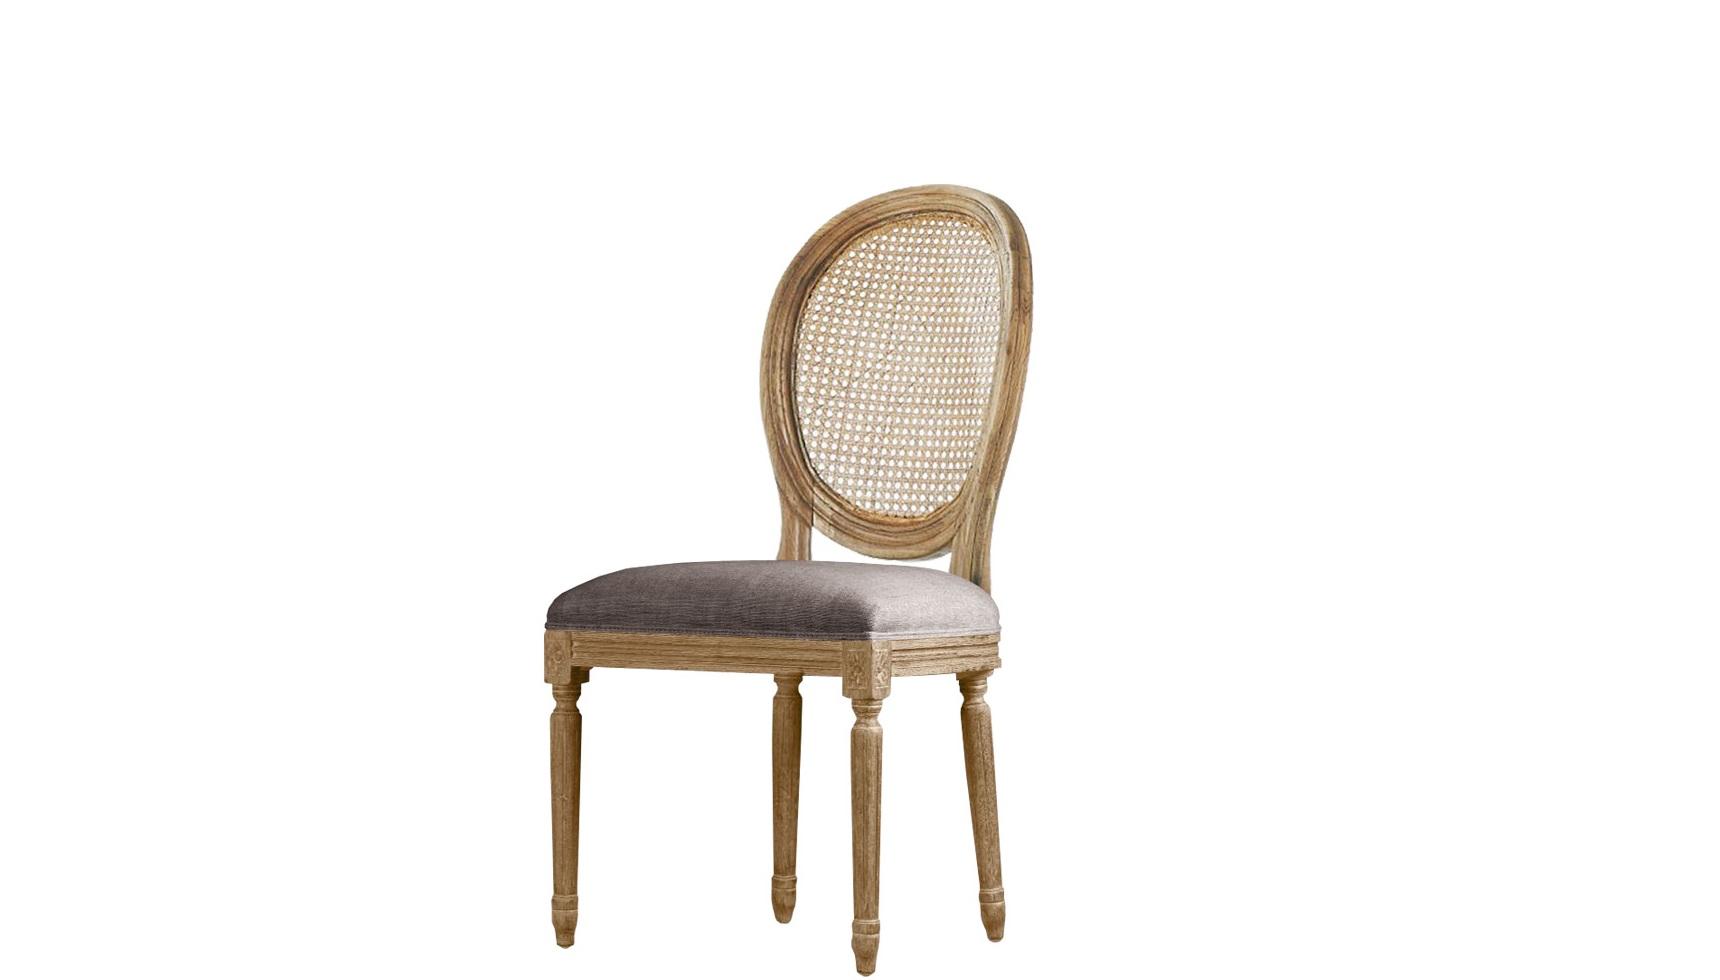 Стул с ротанговым плетением Louis Rattan side chairОбеденные стулья<br>&amp;quot;Louis Rattan Side Chair&amp;quot; ? стул, идеально подходящий для посиделок на летней веранде или душевных семейных обедов. Его облик, созданный единением роскоши и простоты, так и побуждает к полному расслаблению. Ажурное плетение из ротанга, резные элементы на натуральной древесине и текстильная обивка нейтрального оттенка ? все это создает интересный образ. Сочетание экзотической отделки, провинциального шарма и роскоши французского силуэта покорит любого.<br><br>Material: Текстиль<br>Width см: 52<br>Depth см: 62<br>Height см: 95